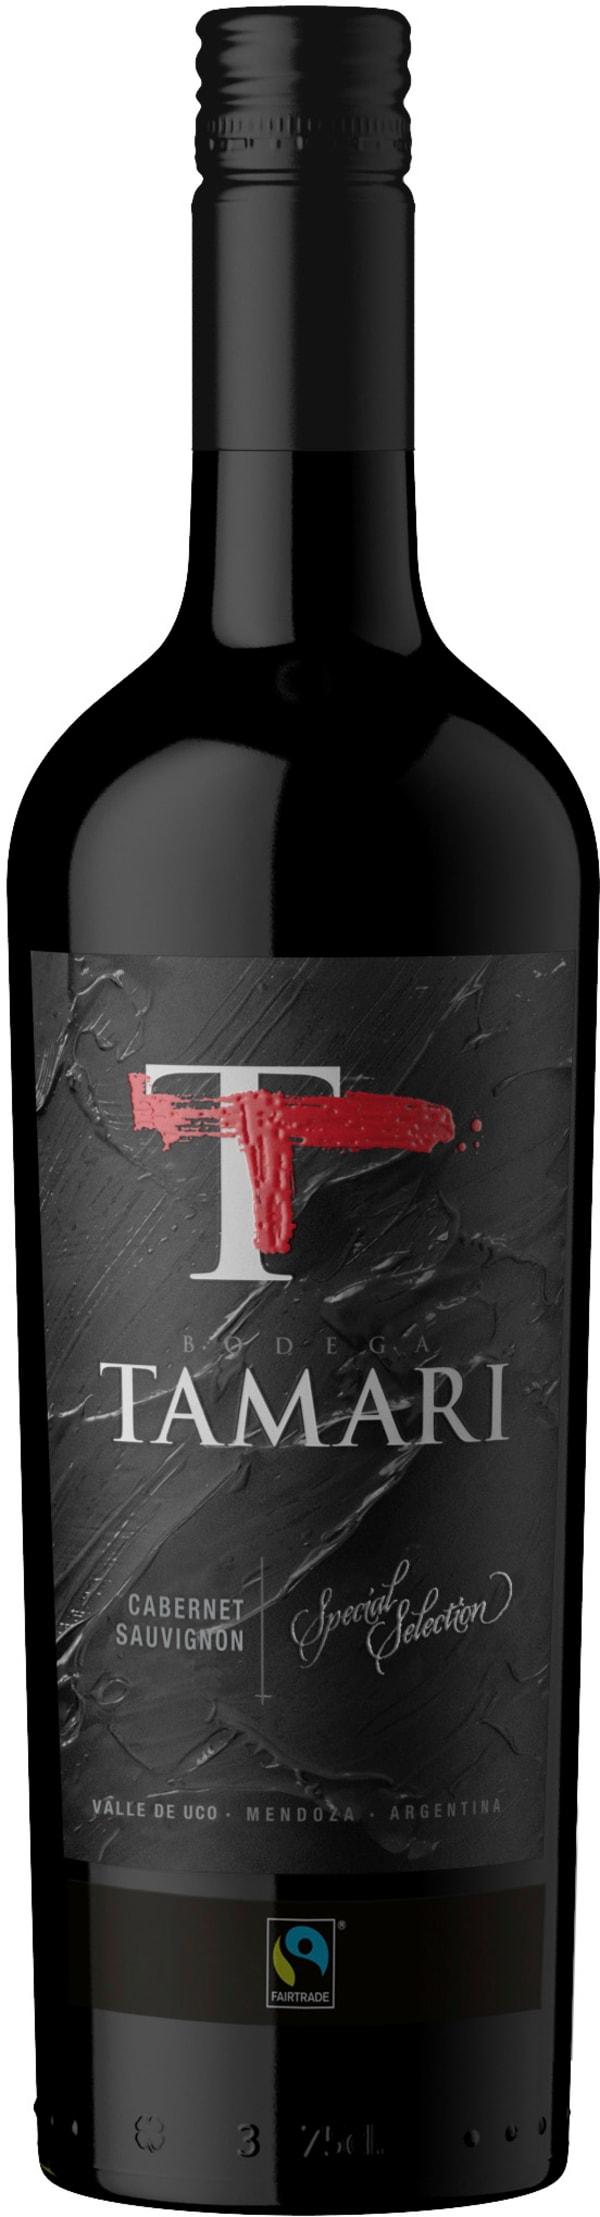 Tamari Cabernet Sauvignon Special Selection 2017